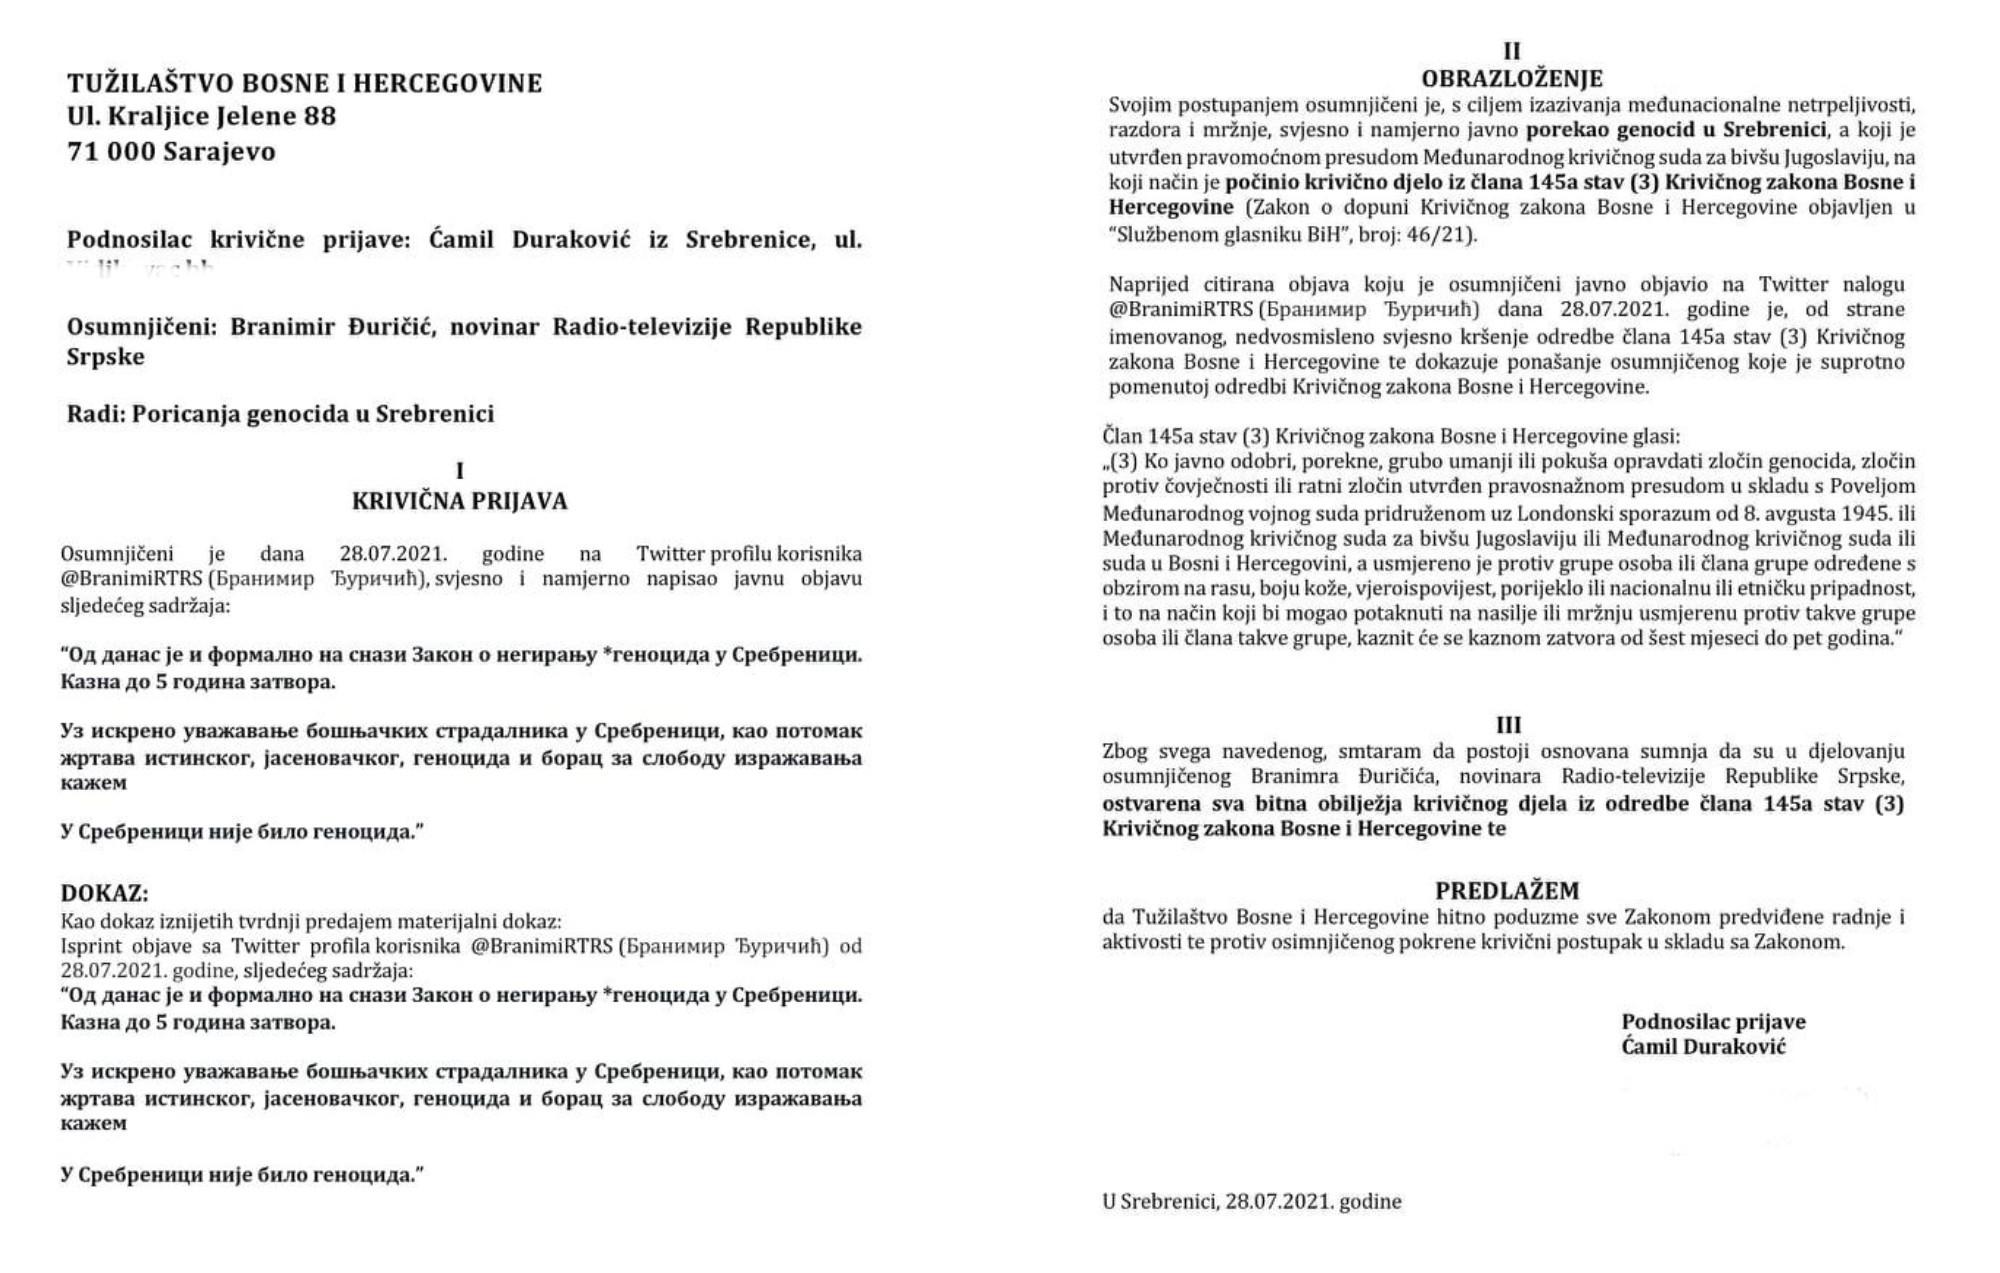 Ćamil Duraković podnosi krivičnu prijavu protiv novinara zbog negiranja genocida